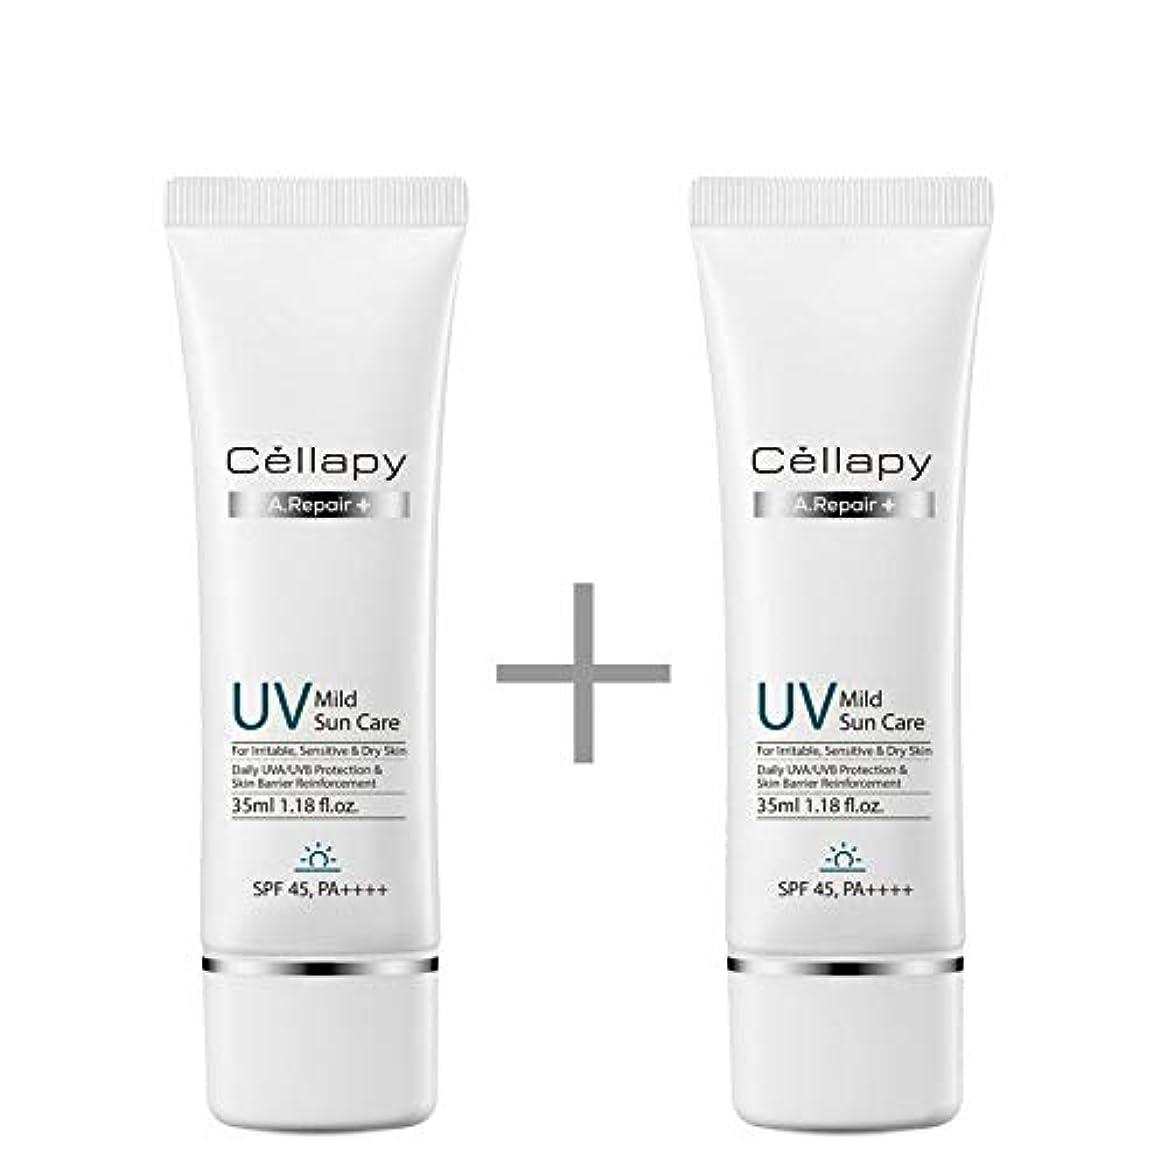 保険火山コンプライアンス[1+1] 【Cellapy】 セルラーピ A.Repair Plus UV Mild Sun Care マイルドサンケア (35ml) SPF45/PA++++ 韓国 日焼け止め